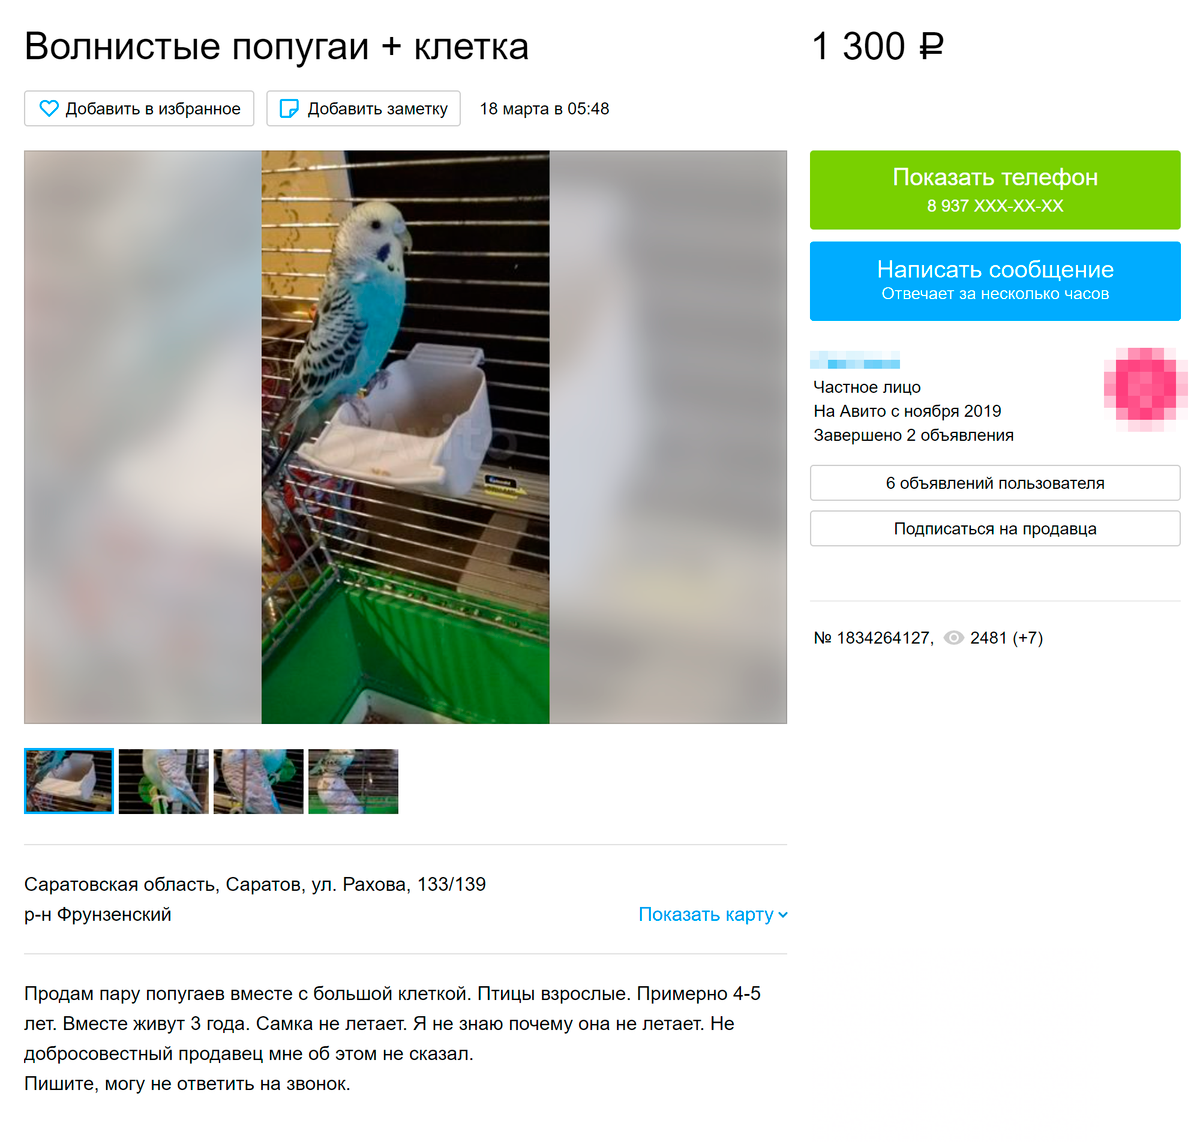 На «Авито» и подобных сайтах часто пристраивают ненужных попугайчиков. Отдают практически даром. Стоимость не покрывает даже расходы на клетку. Источник: avito.ru